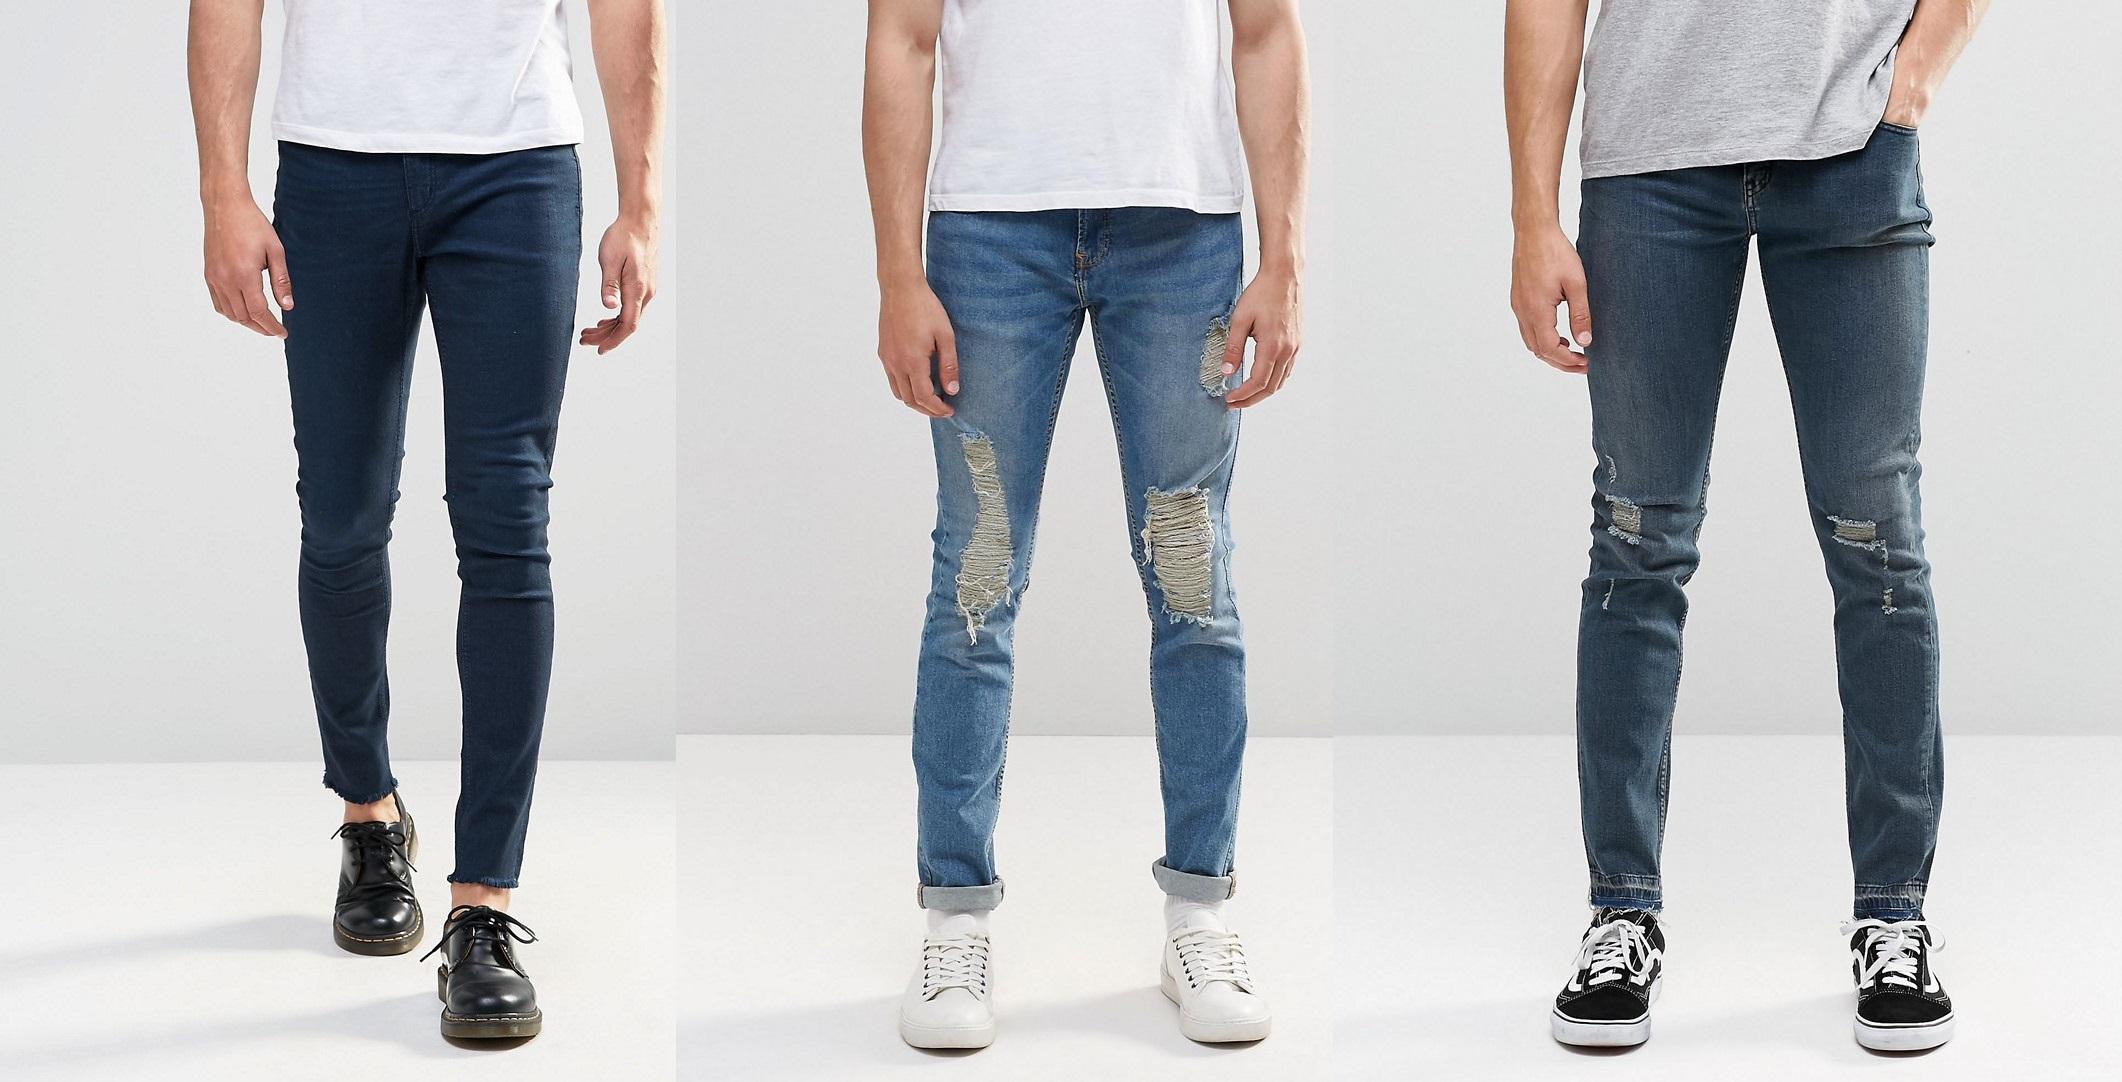 Kinh nghiệm chọn quần jean cho nam